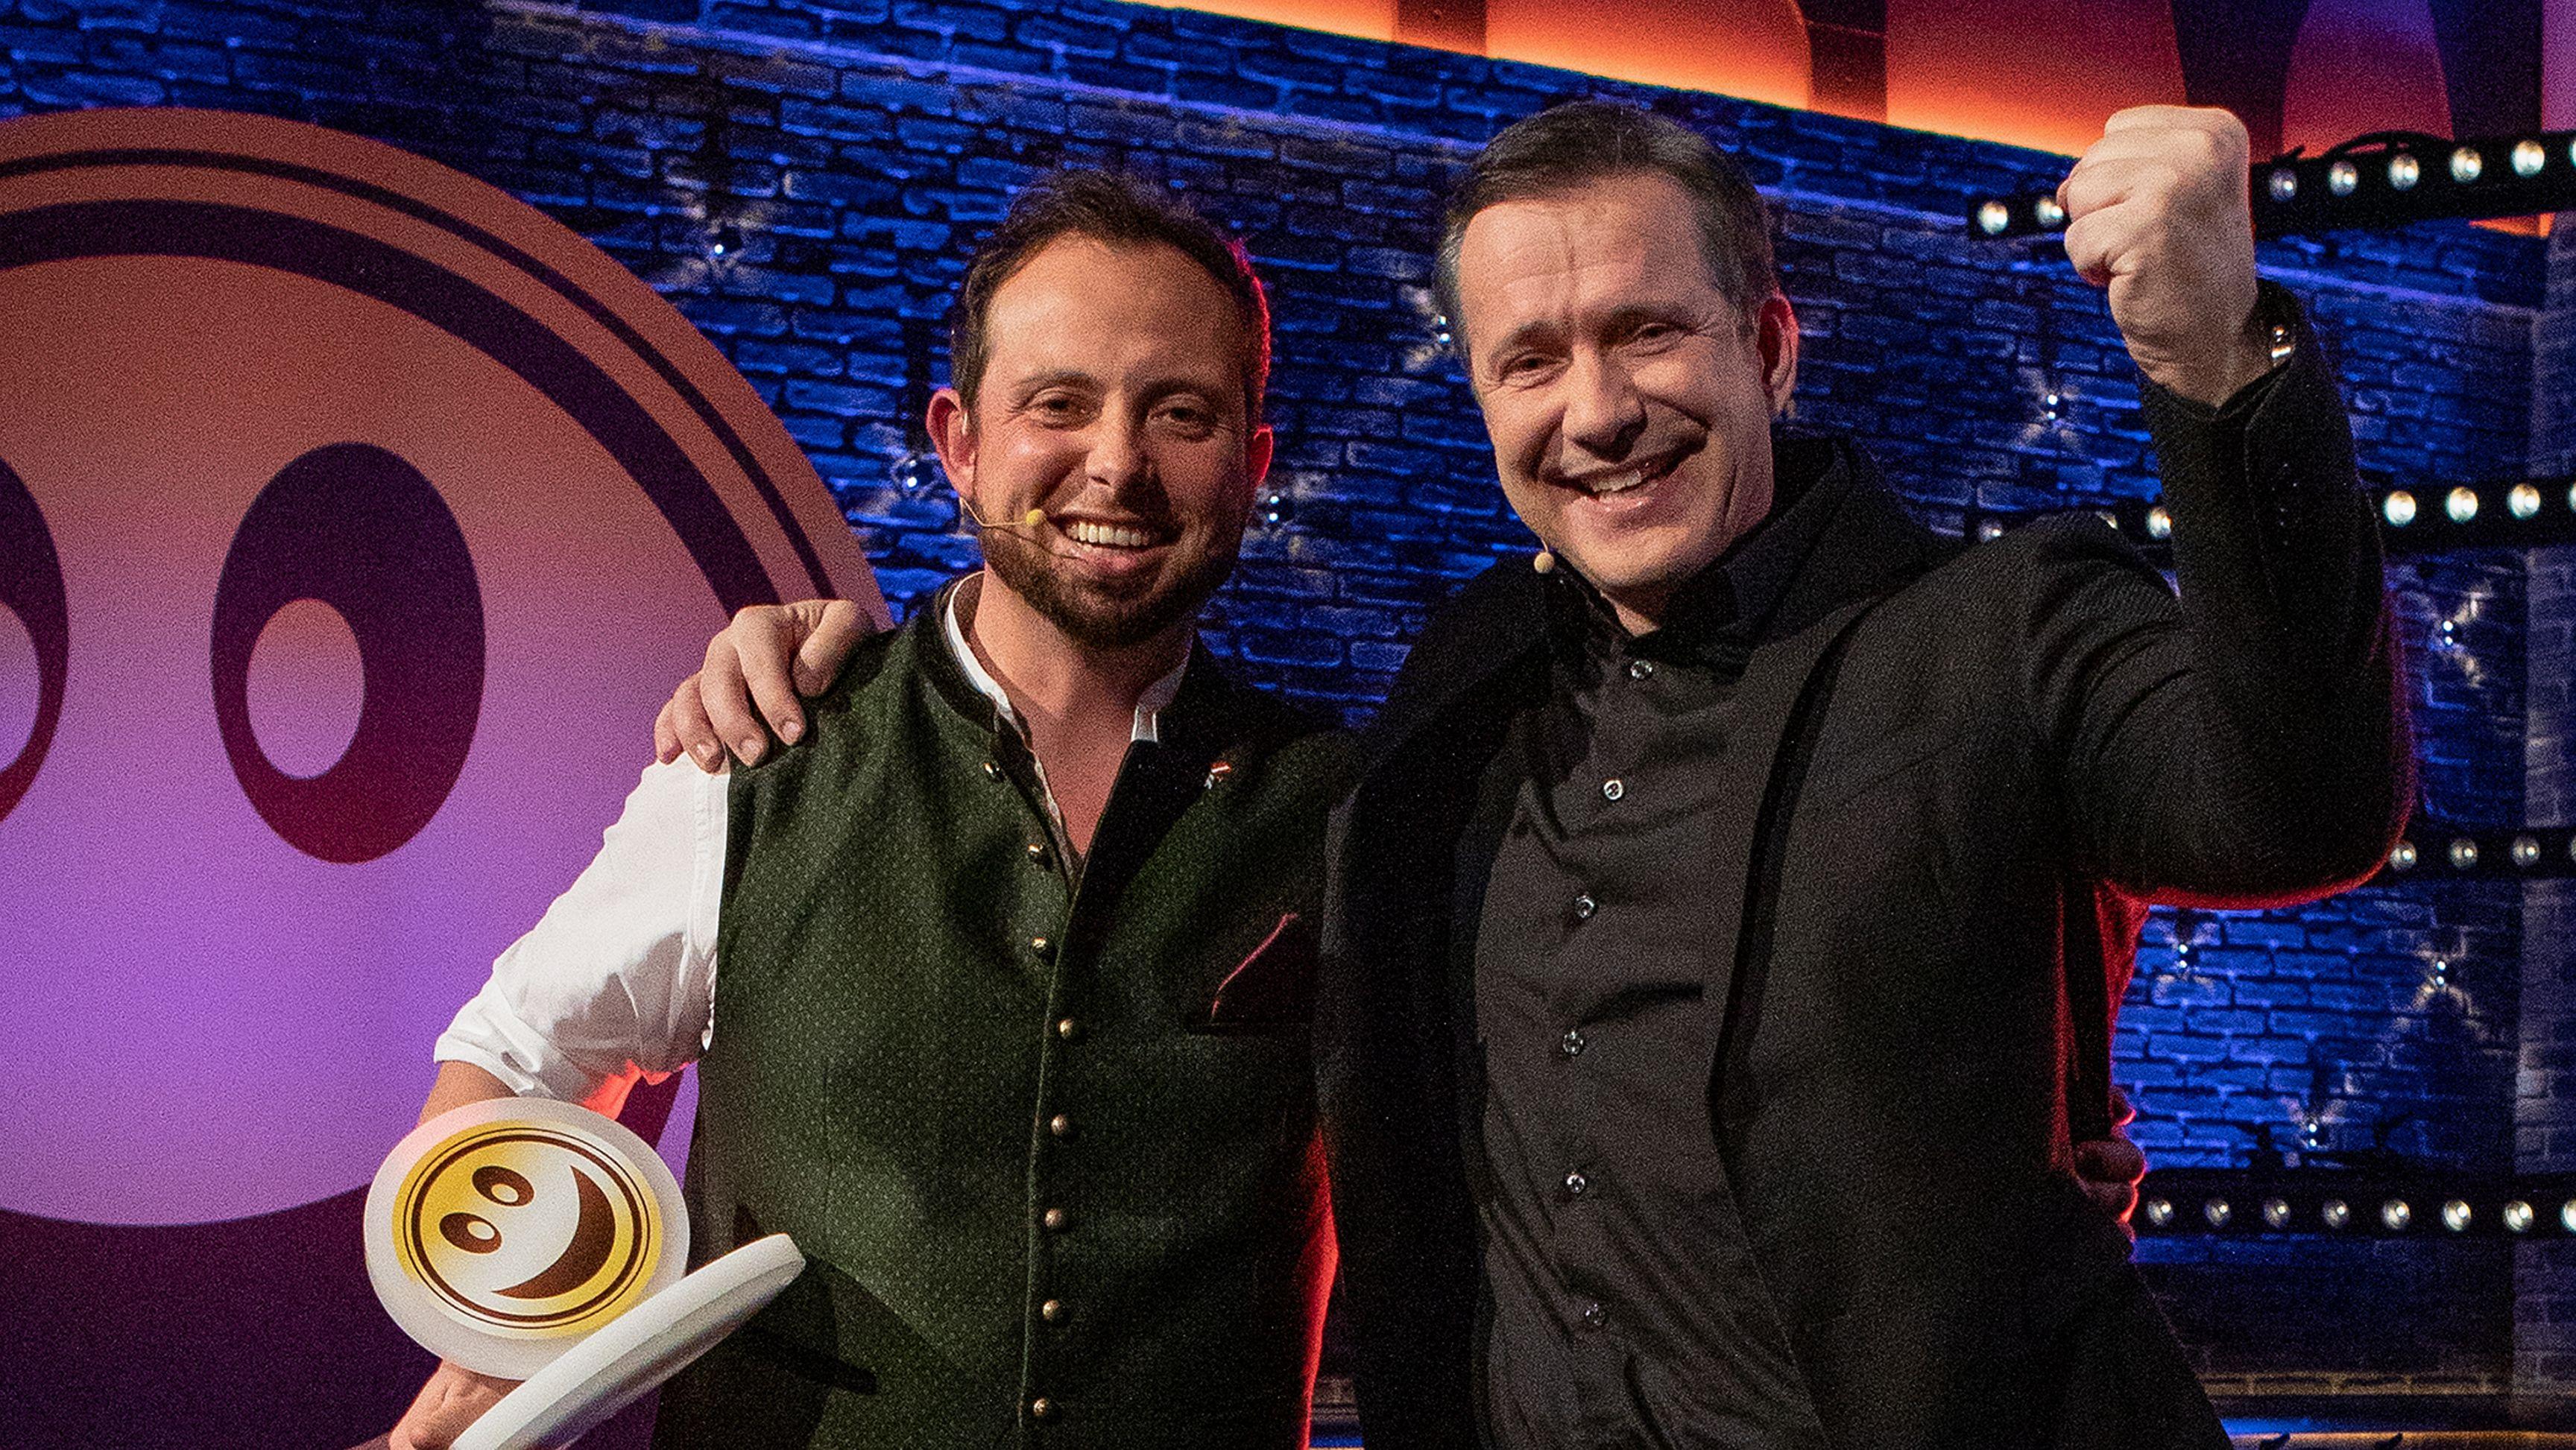 Gewinner Alfons Doppelhammer mit Gastgeber und Moderator Alexander Herrmann